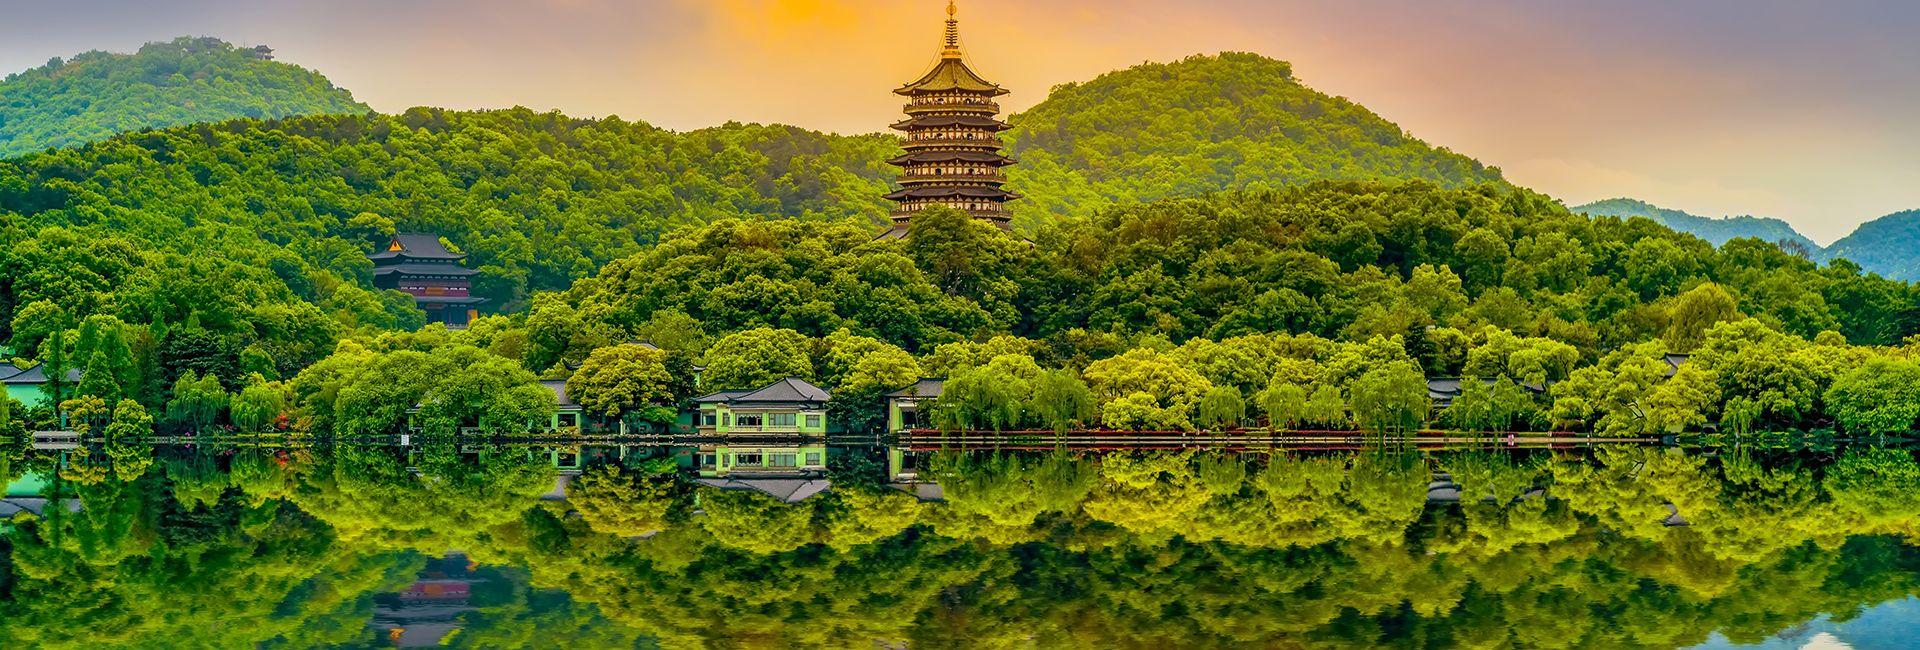 Top 10 địa điểm du lịch đẹp nhất ở Hàng Châu, Trung Quốc